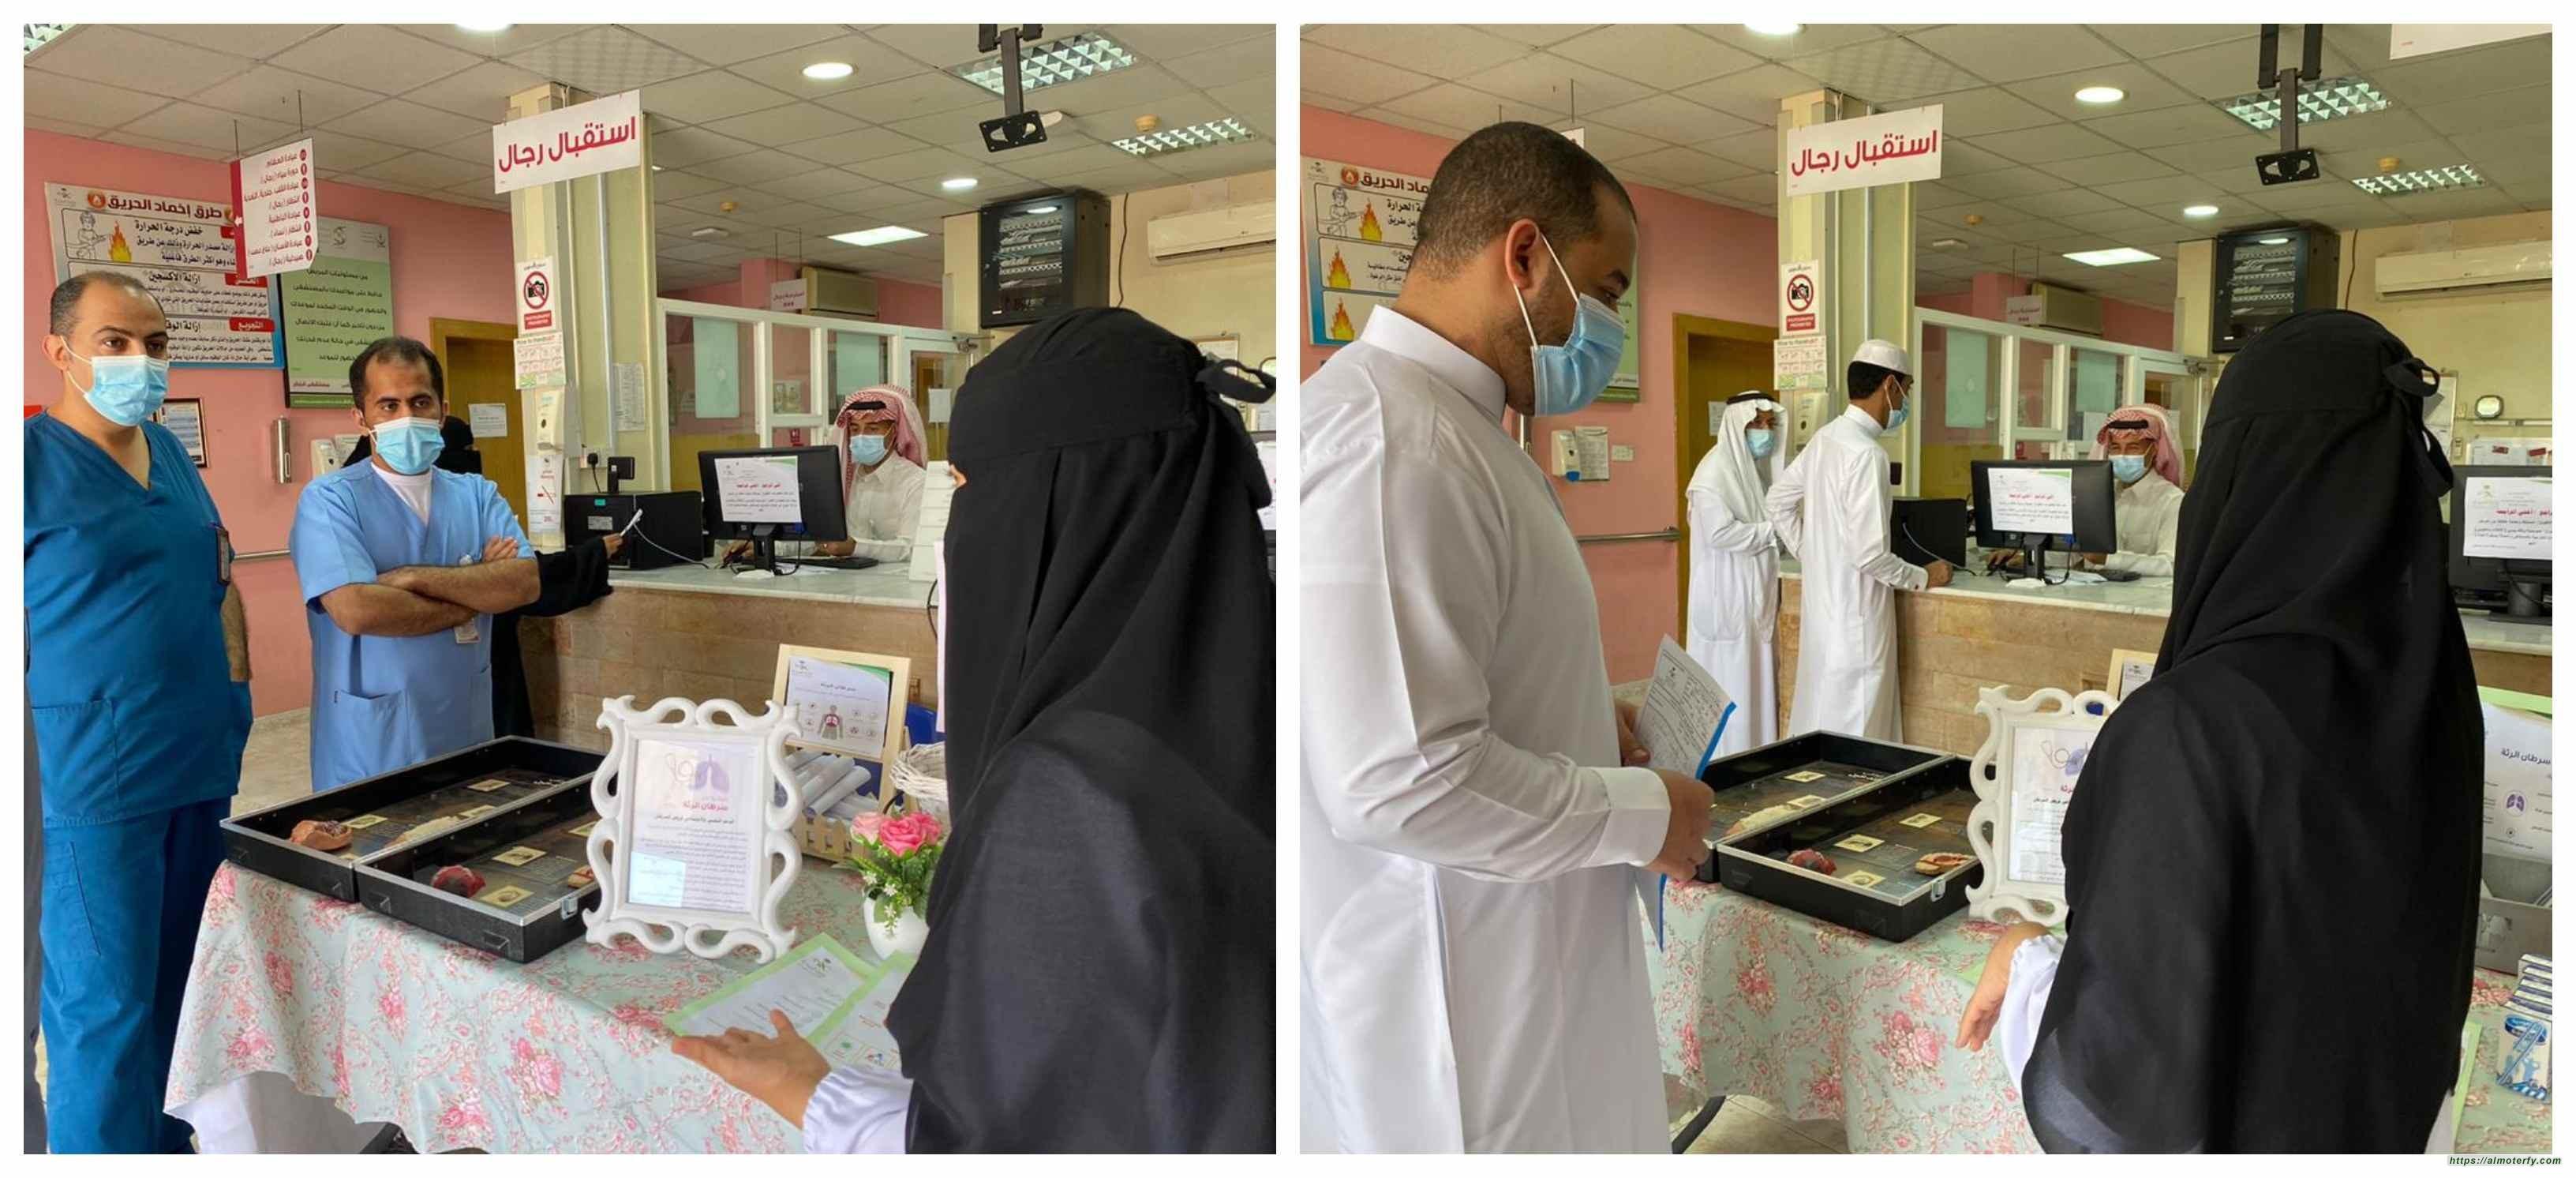 معرض سرطان الرئة في مستشفى الجفر العام